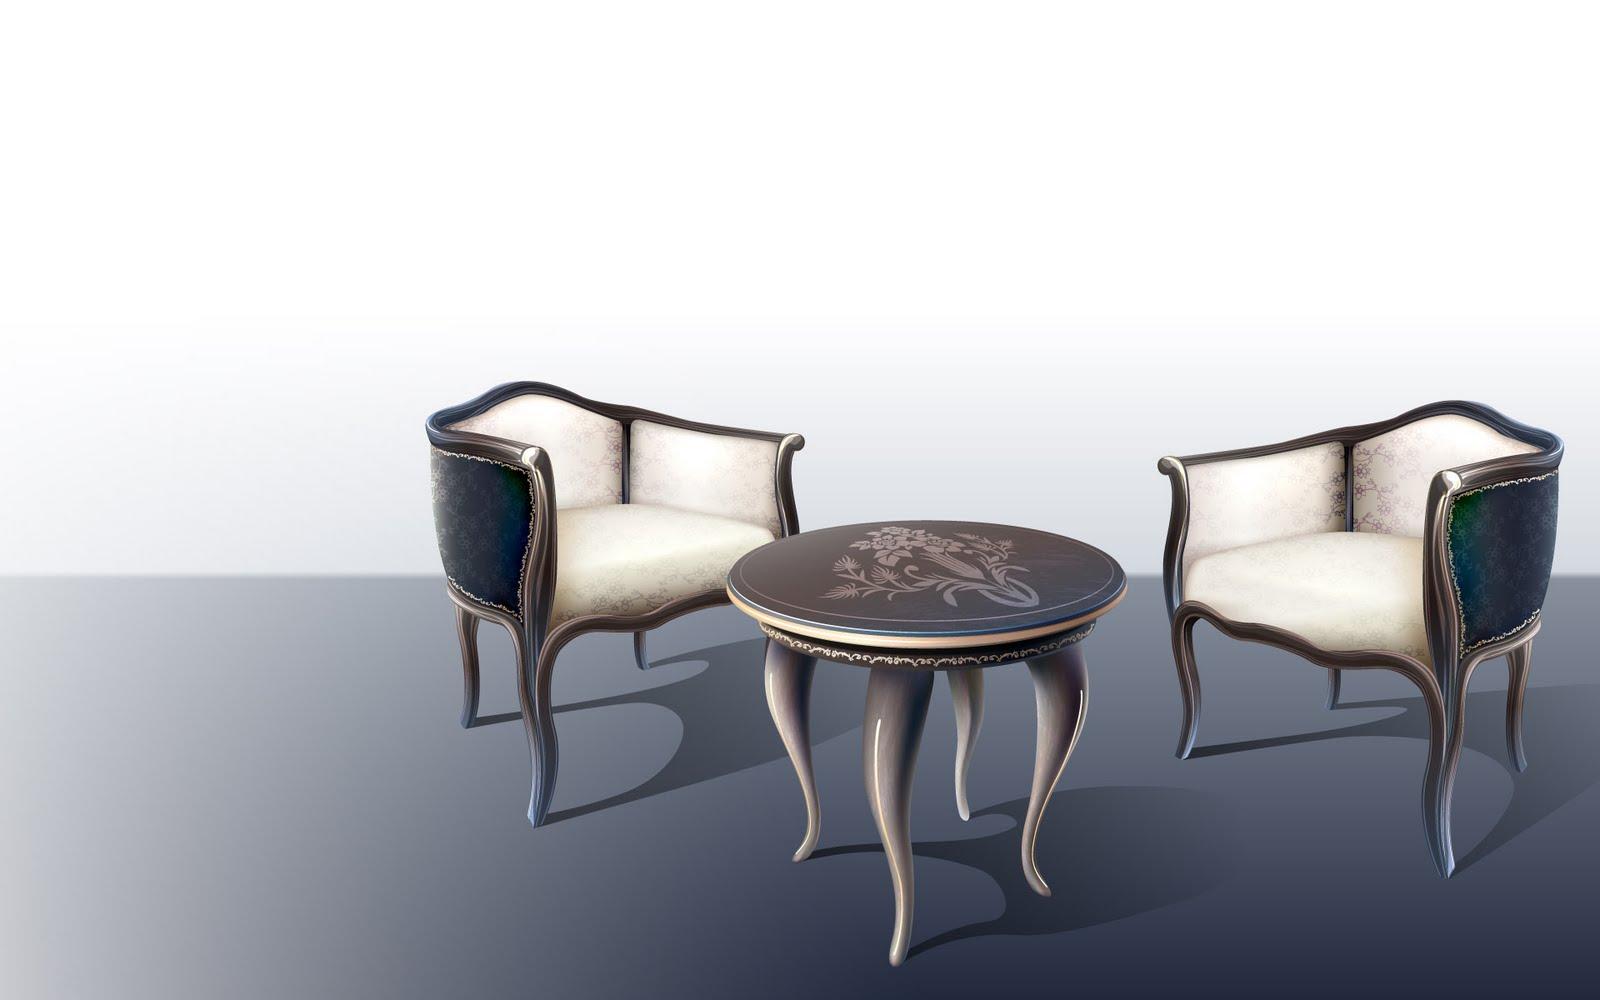 http://1.bp.blogspot.com/_-BSvwBMTFS0/SwNwanApxzI/AAAAAAAAA8U/jk08z85RnvU/s1600/digital-art-interior-design-wallpapers-18.jpg